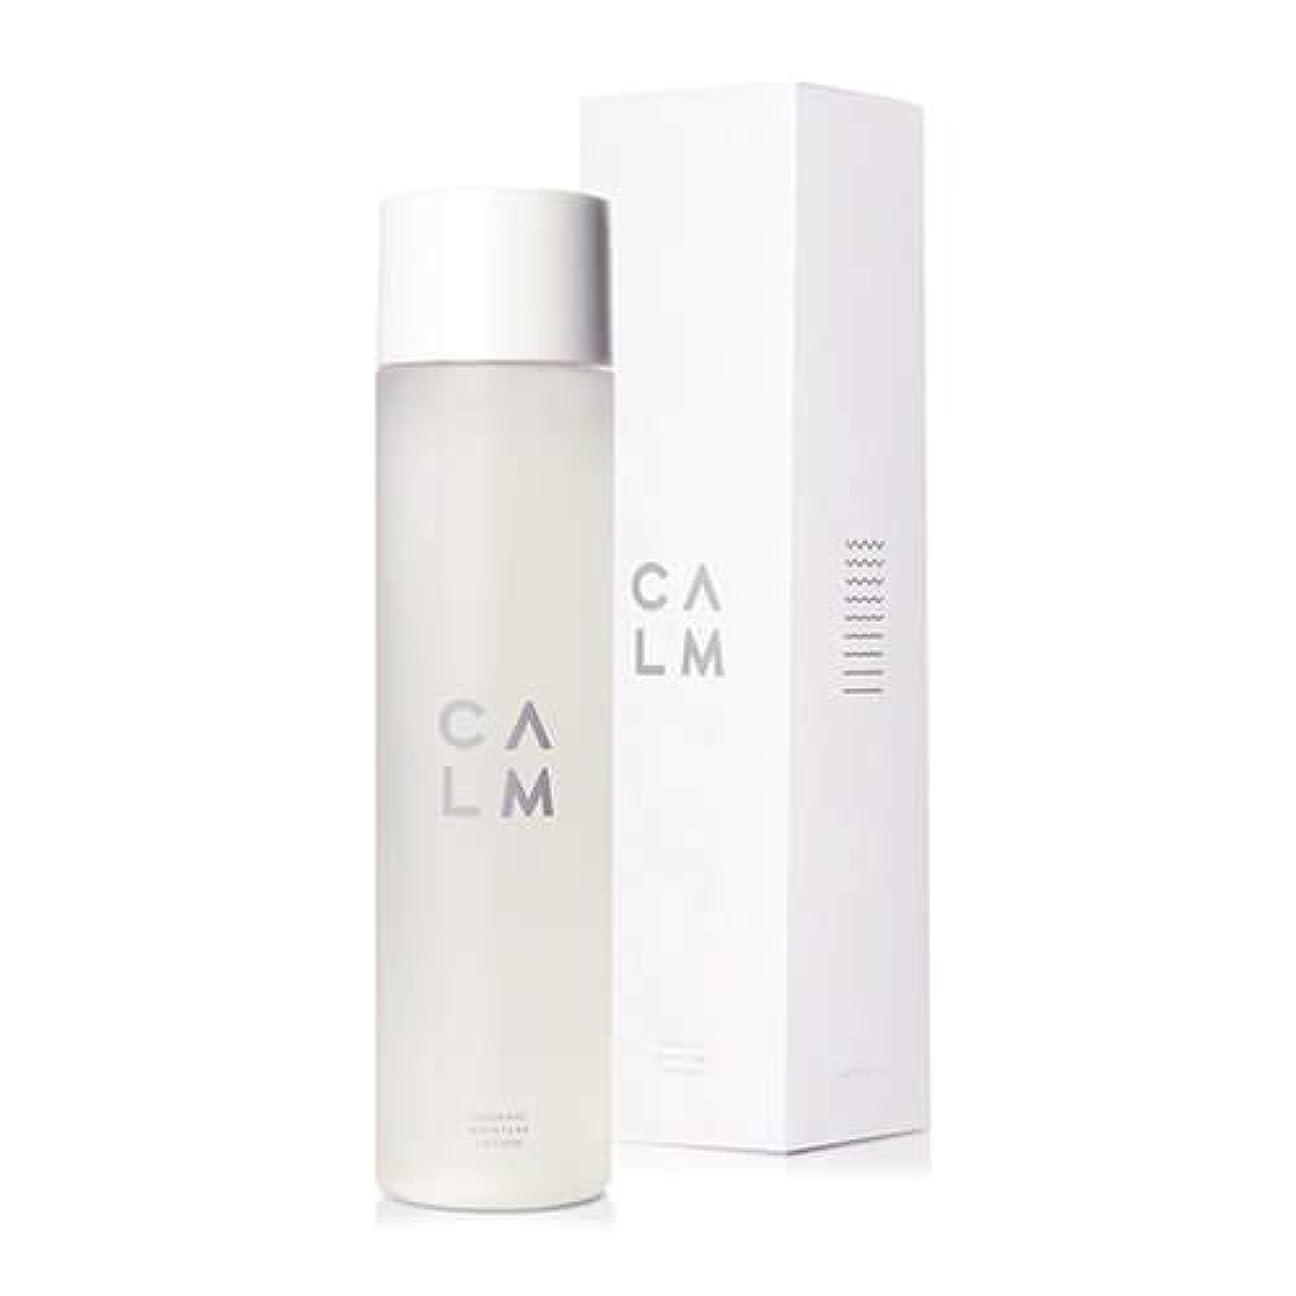 食物もの蜂カーム CALM モイスチャーローション (化粧水) 150ml